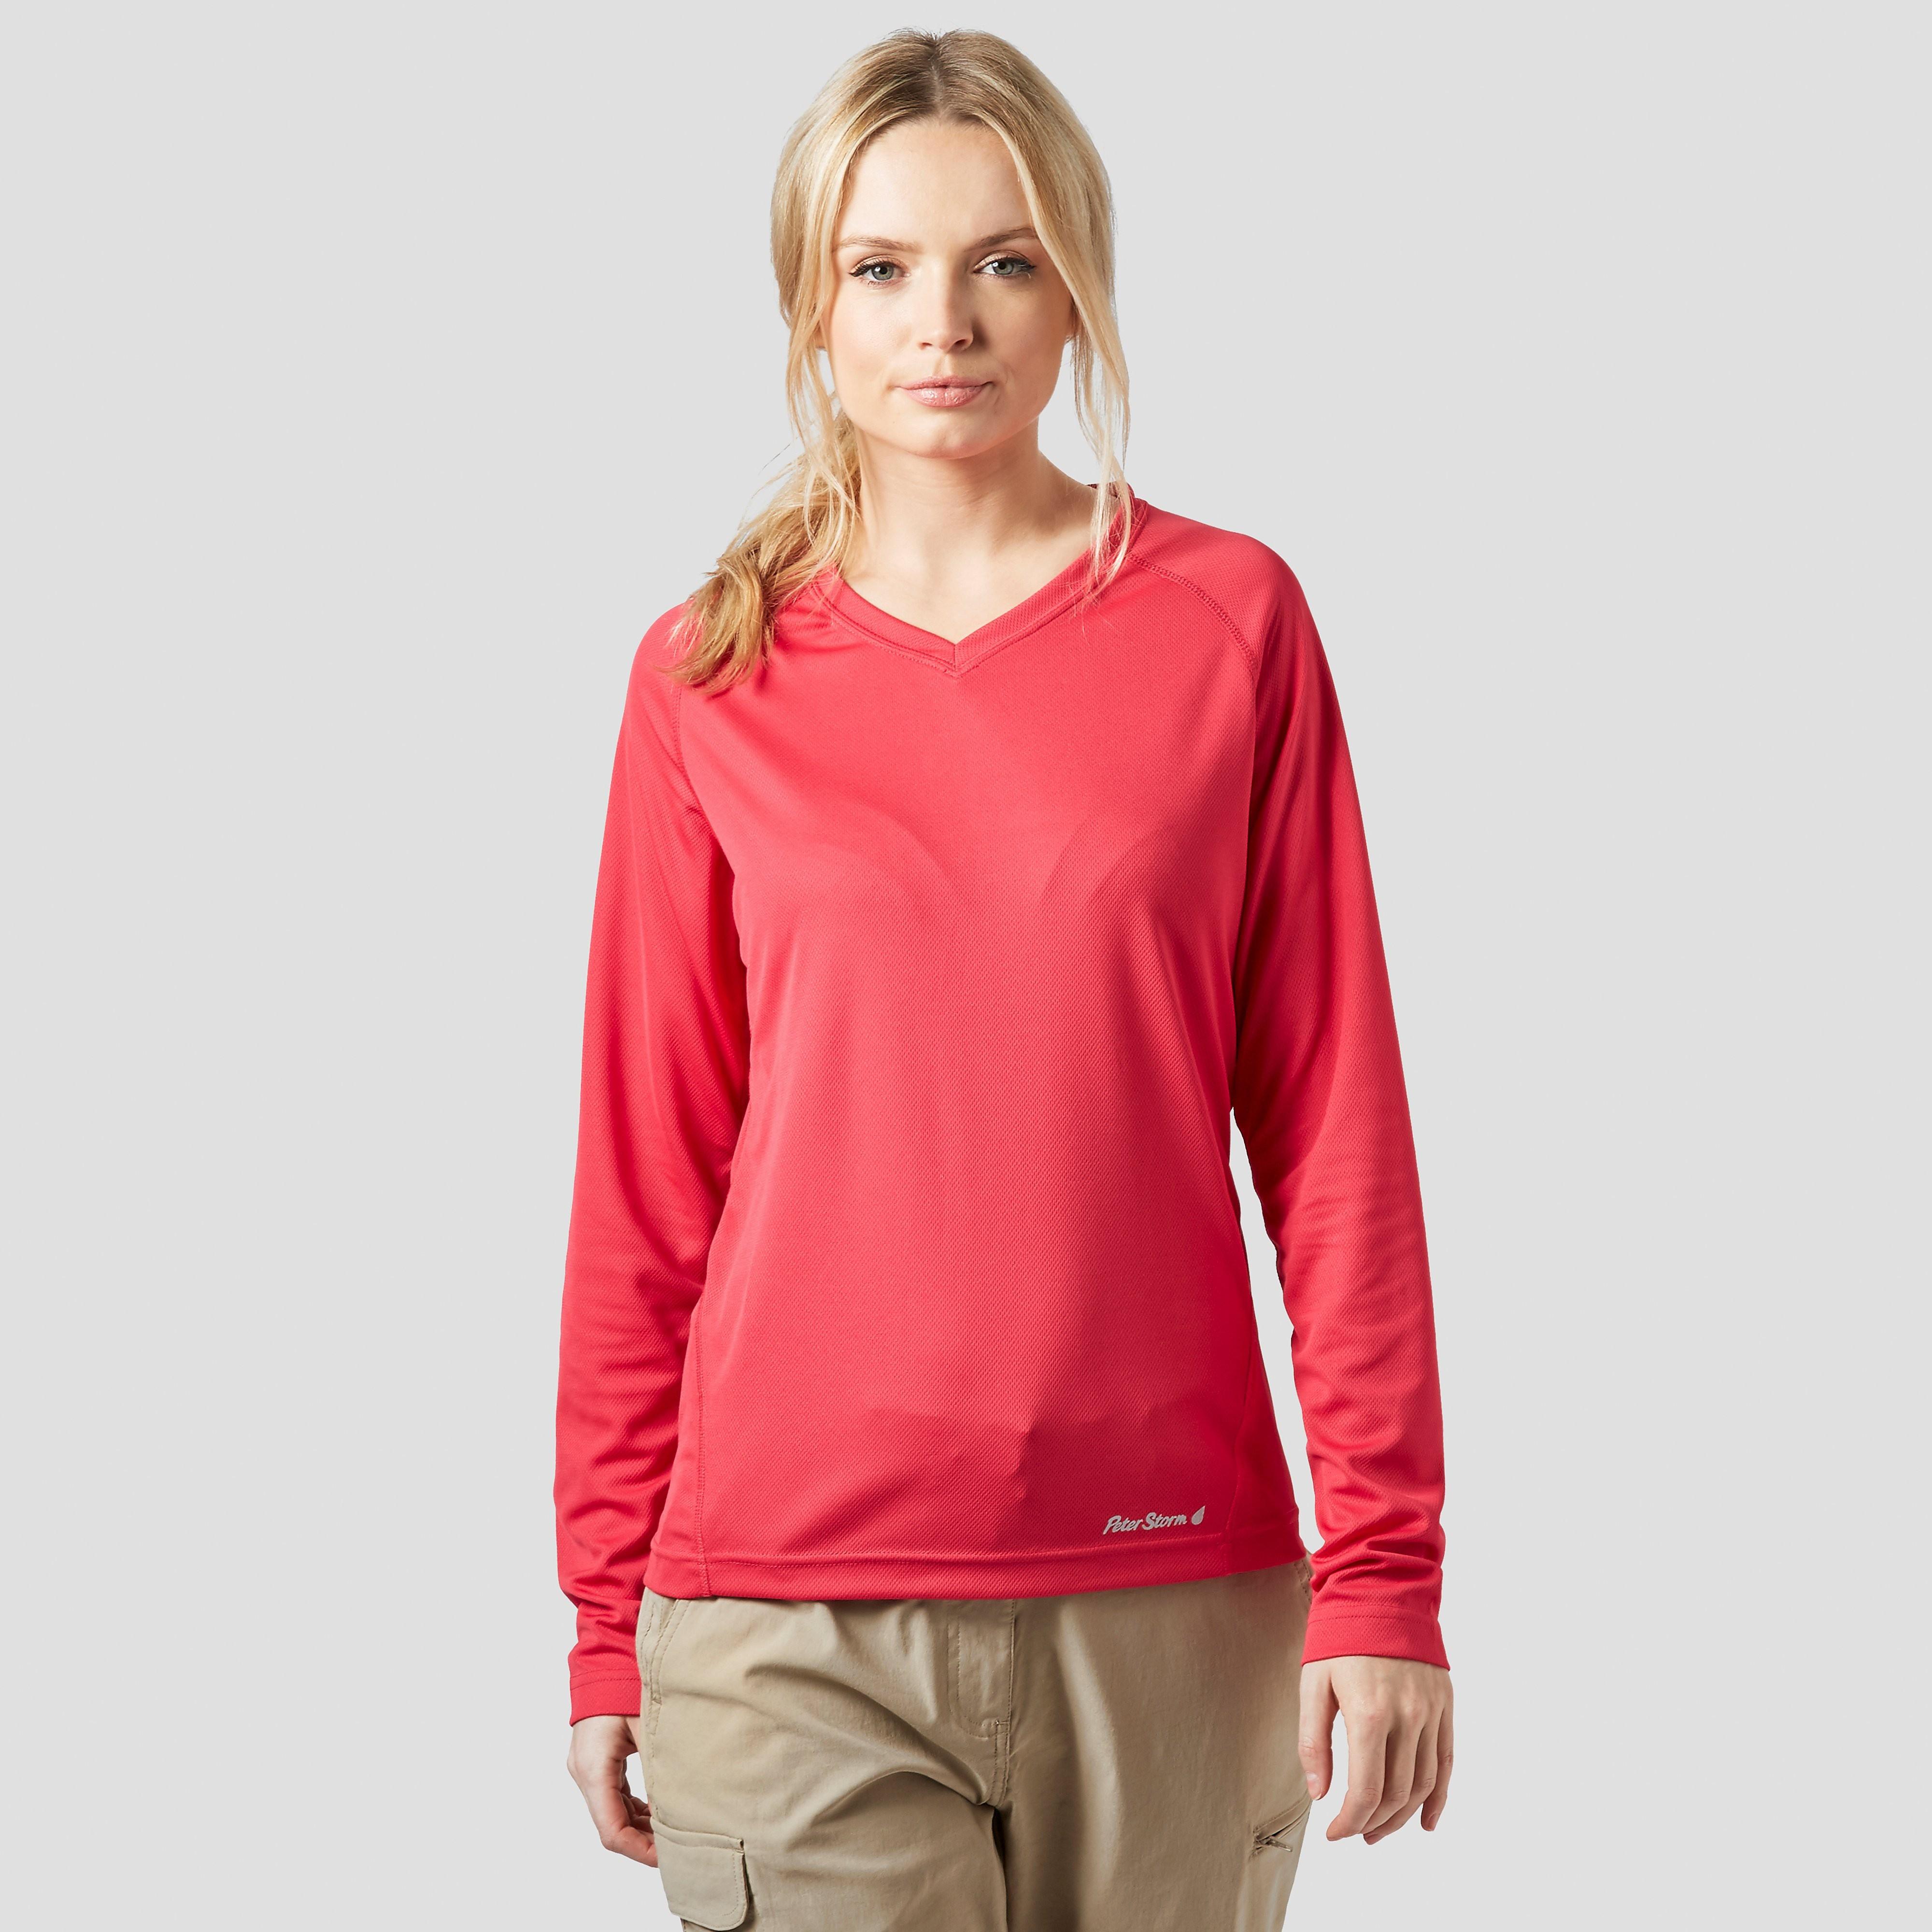 PETER STORM Women's Tech Long Sleeve V Neck T-Shirt